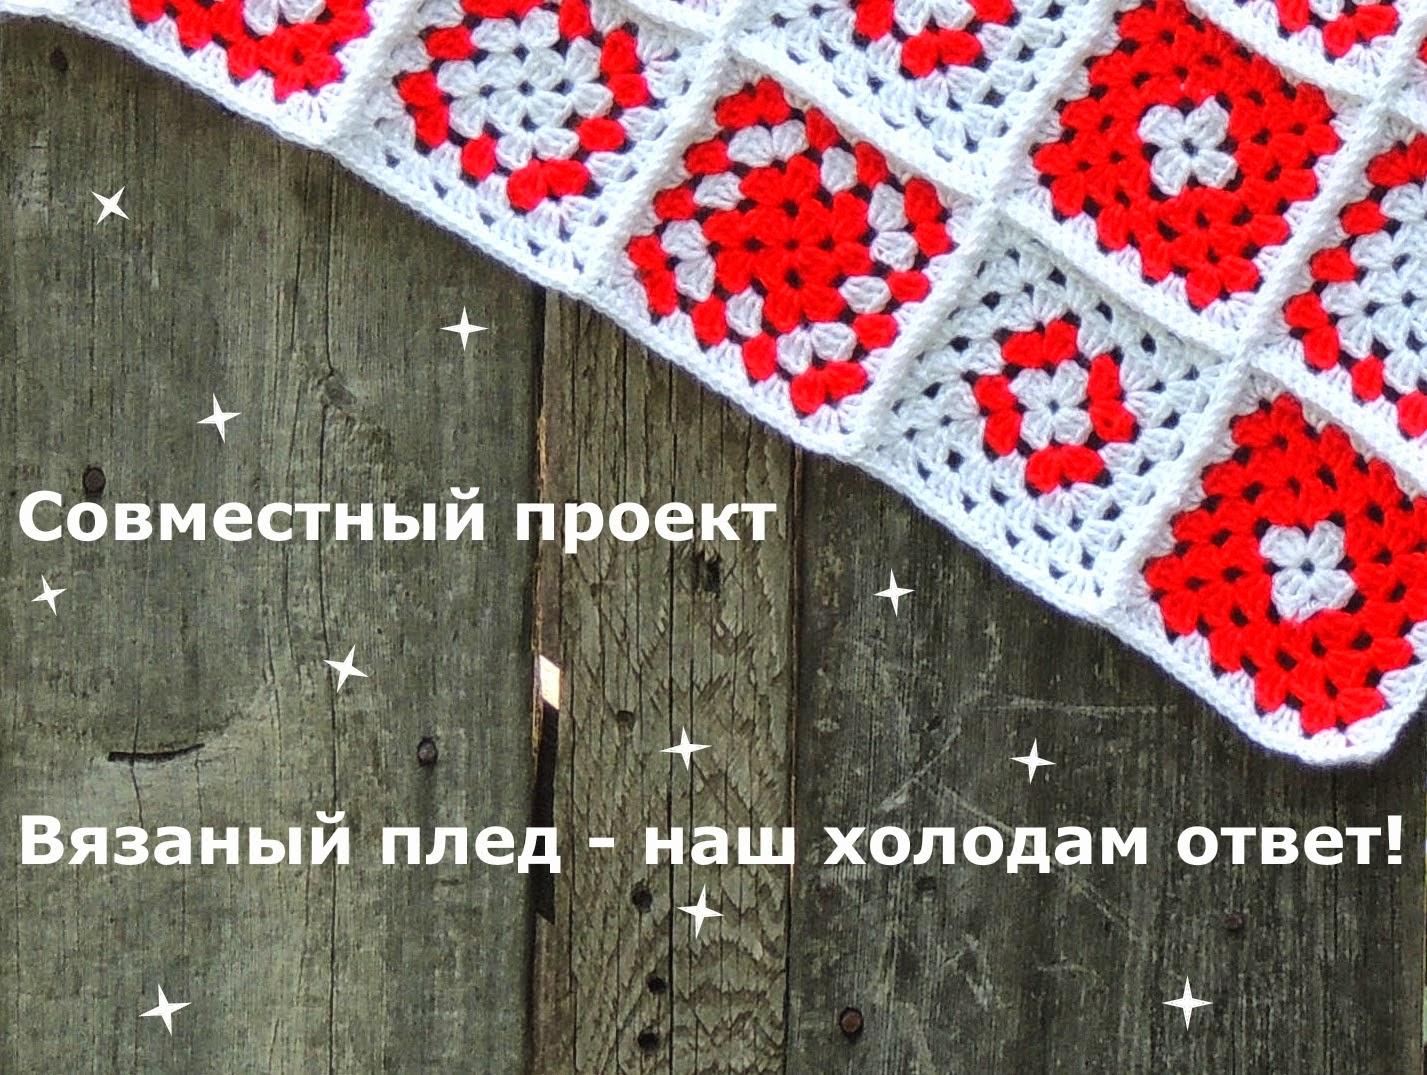 """Совместный проект """"Вязанный плед - наш холодам ответ!"""""""